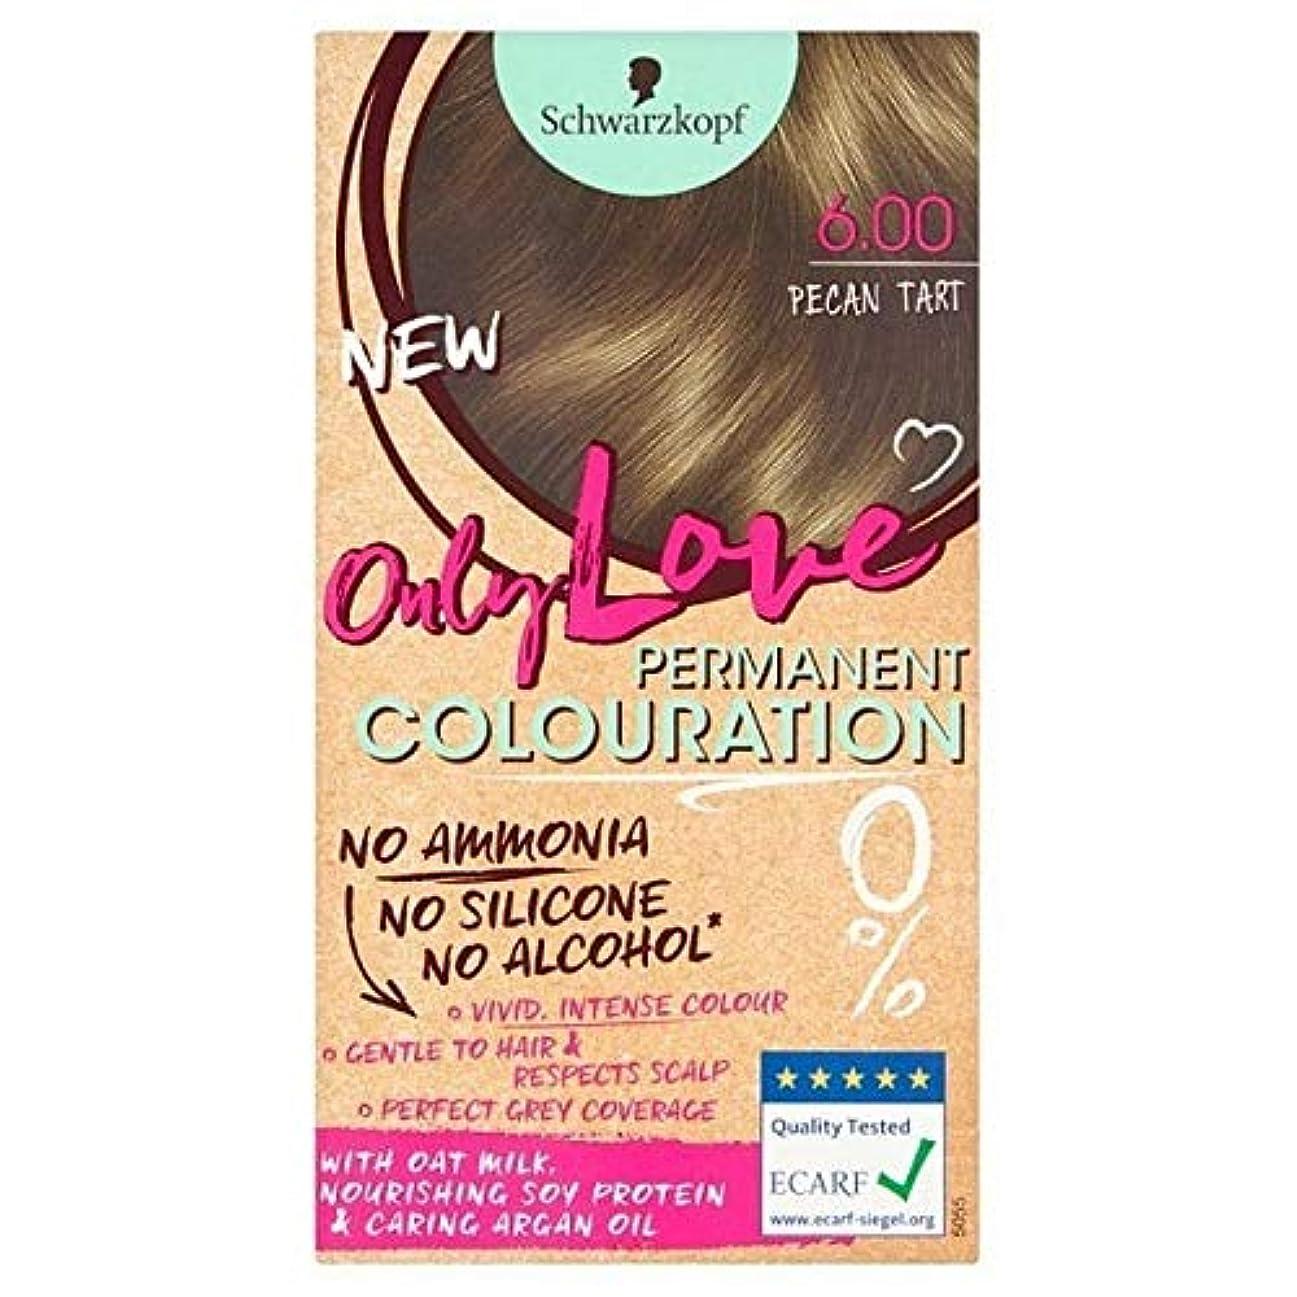 スラム街役に立つ誠実さ[Only Love ] 唯一の永久染毛剤600ピーカンタルトが大好き - Only Love Permanent Hair Dye 600 Pecan Tart [並行輸入品]